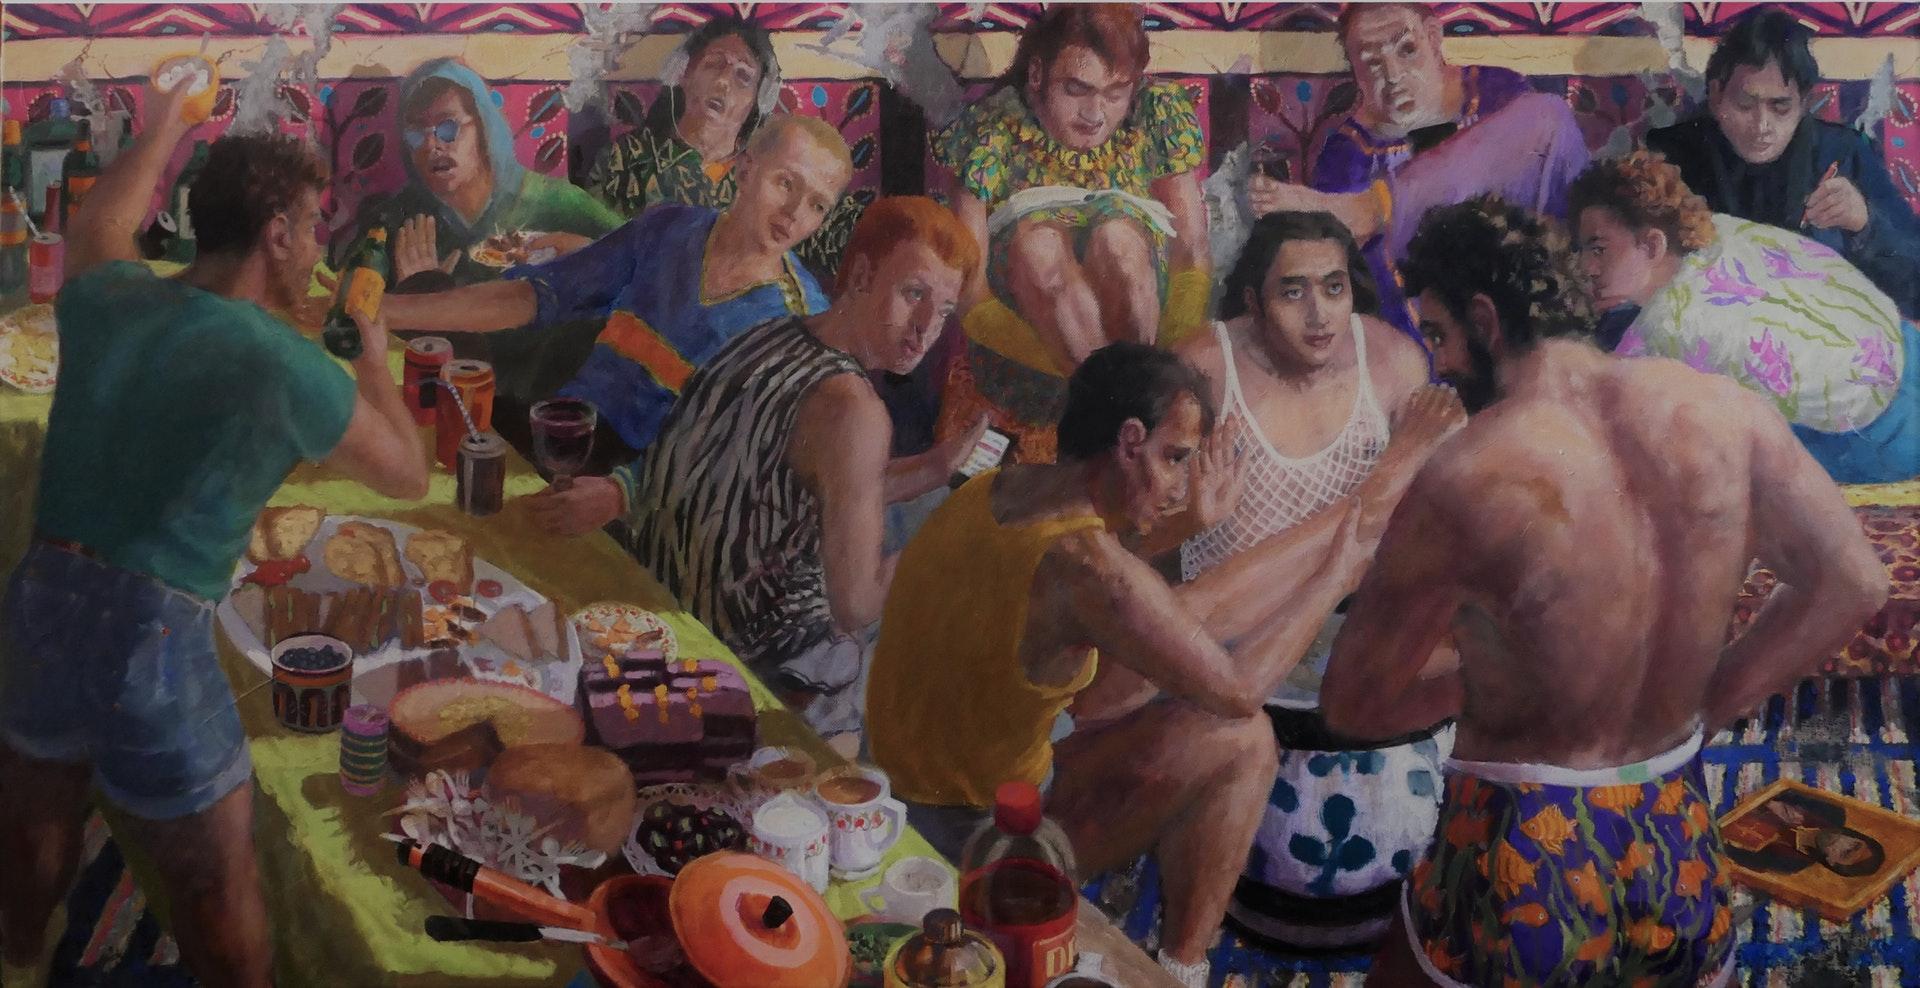 'The Rehearsal', Robert Senior, Oil on canvas, 61 x 122 x 4 cm